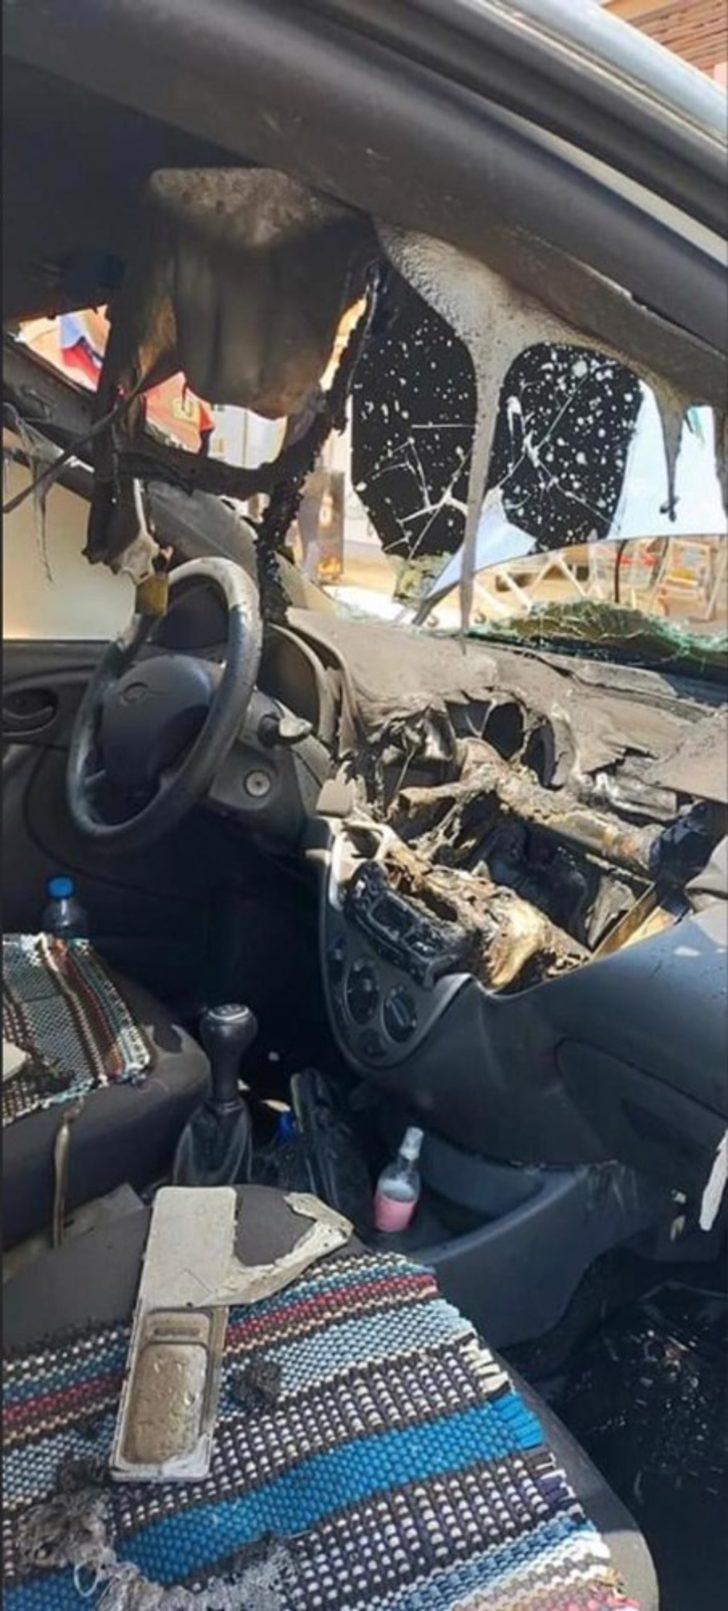 Söke'de park halindeki araç yandı